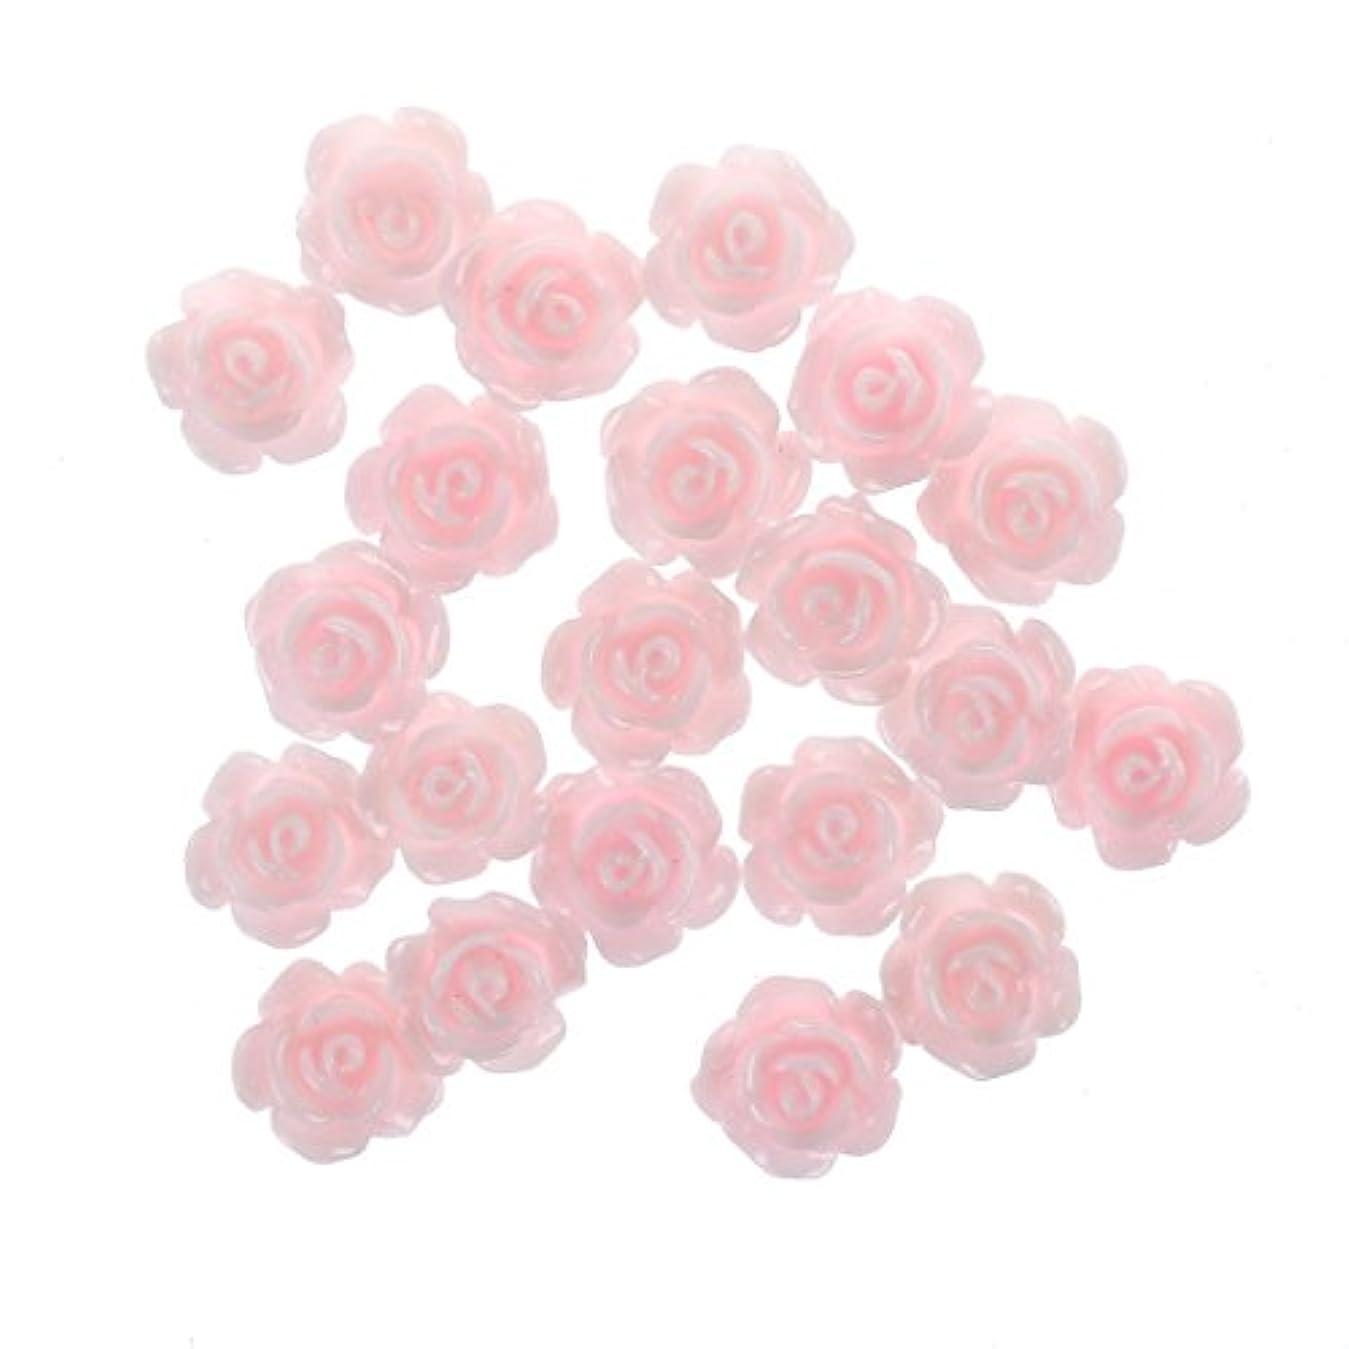 悪因子同盟日付付きネイルアート,SODIAL(R)20x3Dピンクの小さいバラ ラインストーン付きネイルアート装飾